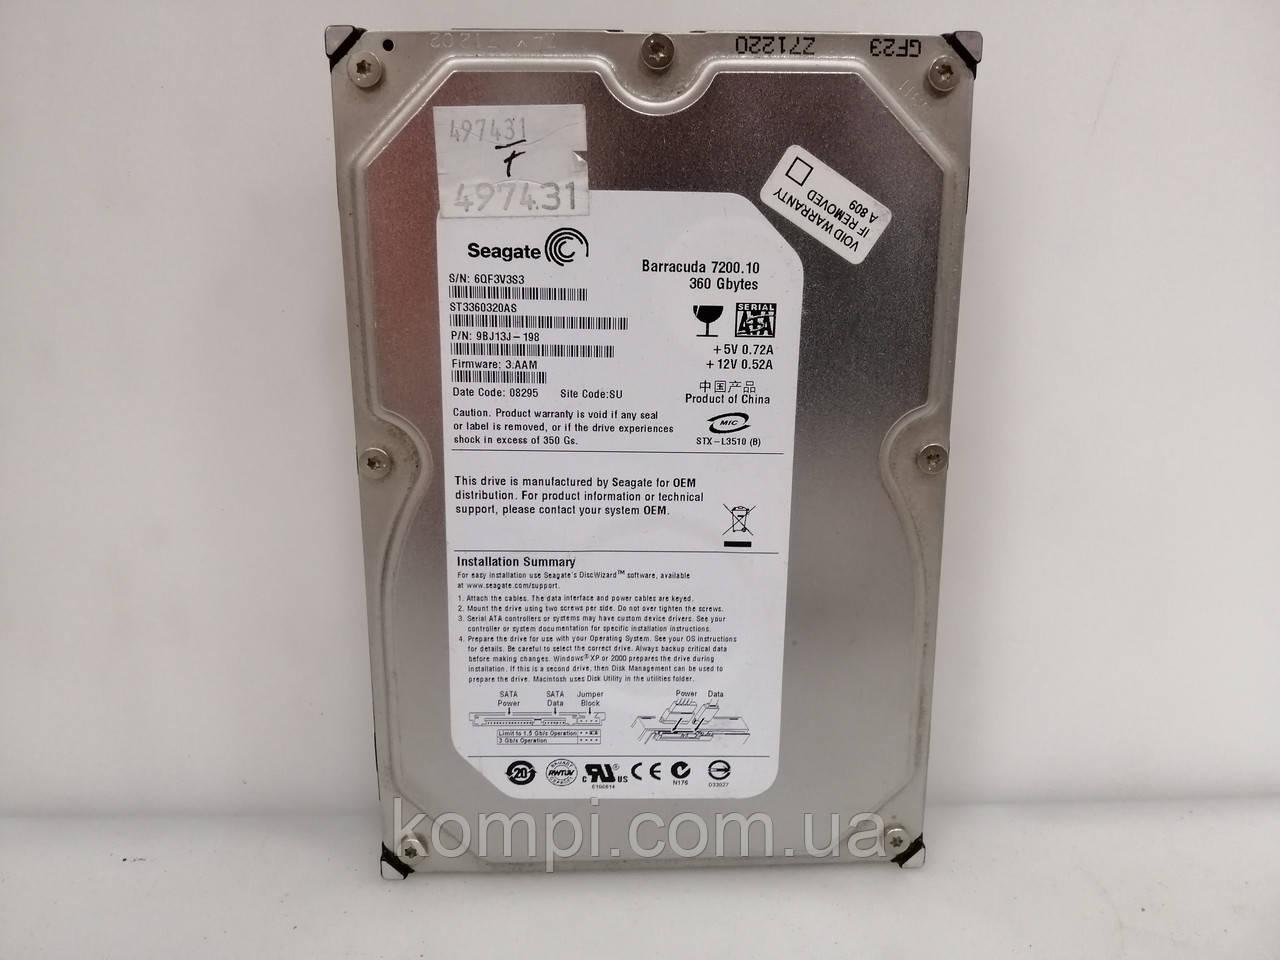 HDD Жорсткий диск Seagate 7200.10 360GB 7200prm 16MB SATAII для ПК ІДЕАЛЬНИЙ СТАН